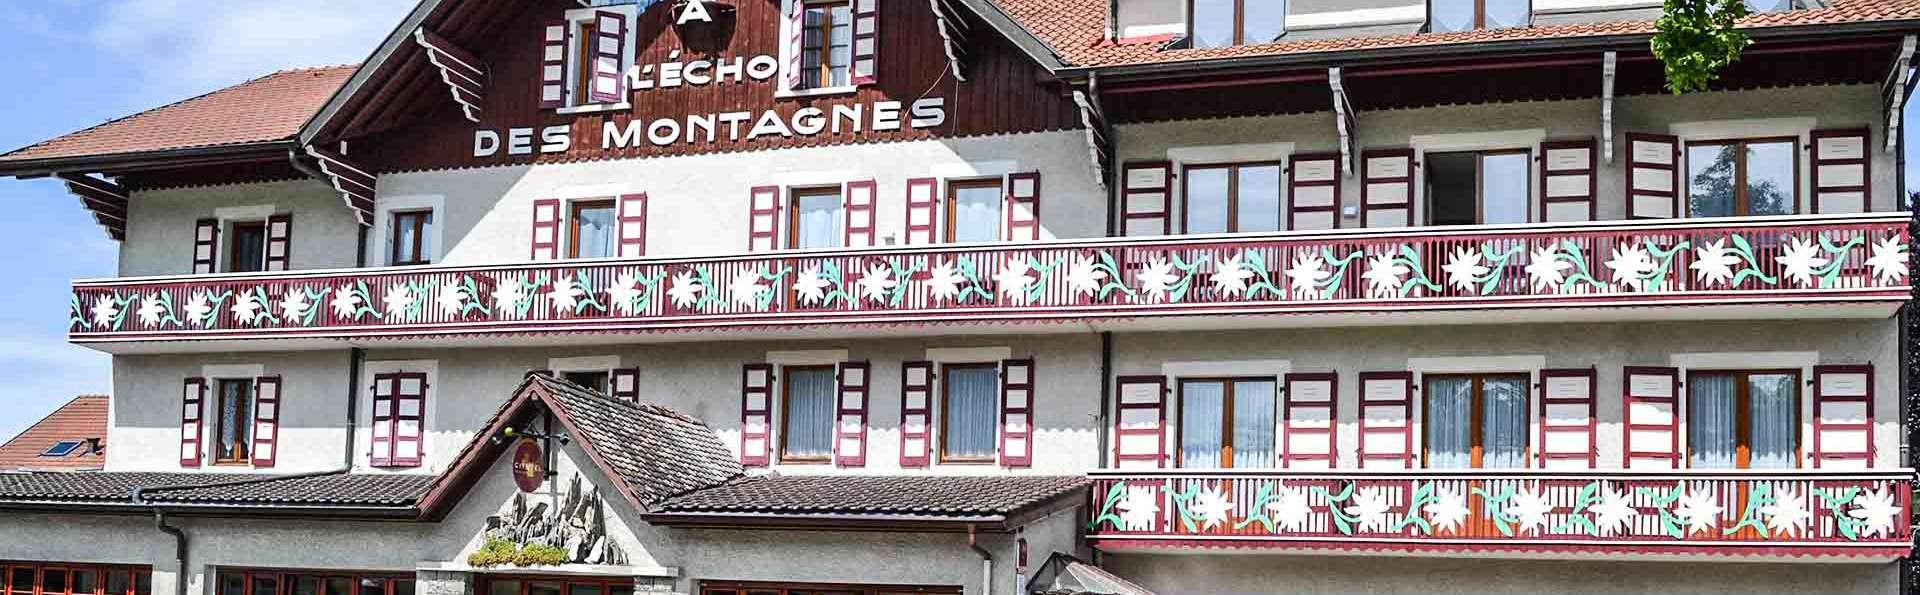 L'Echo des Montagnes - EDIT_facade_01.jpg